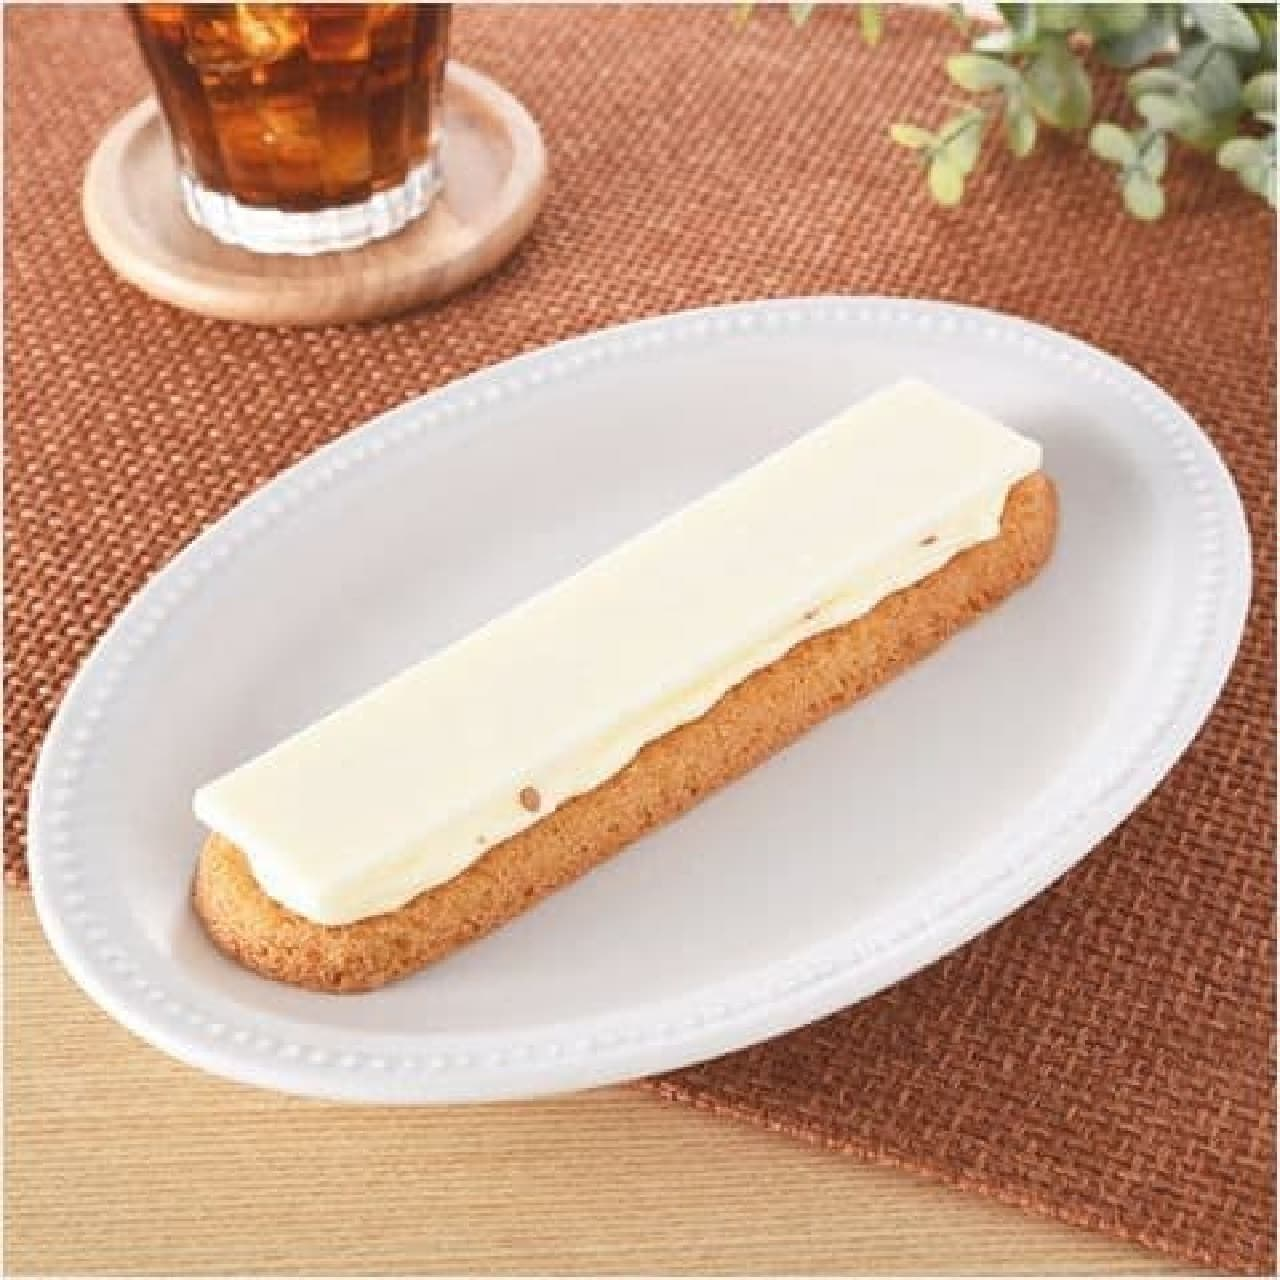 ファミリーマート「パキチョコ&ラングドシャサンド(チーズ)」